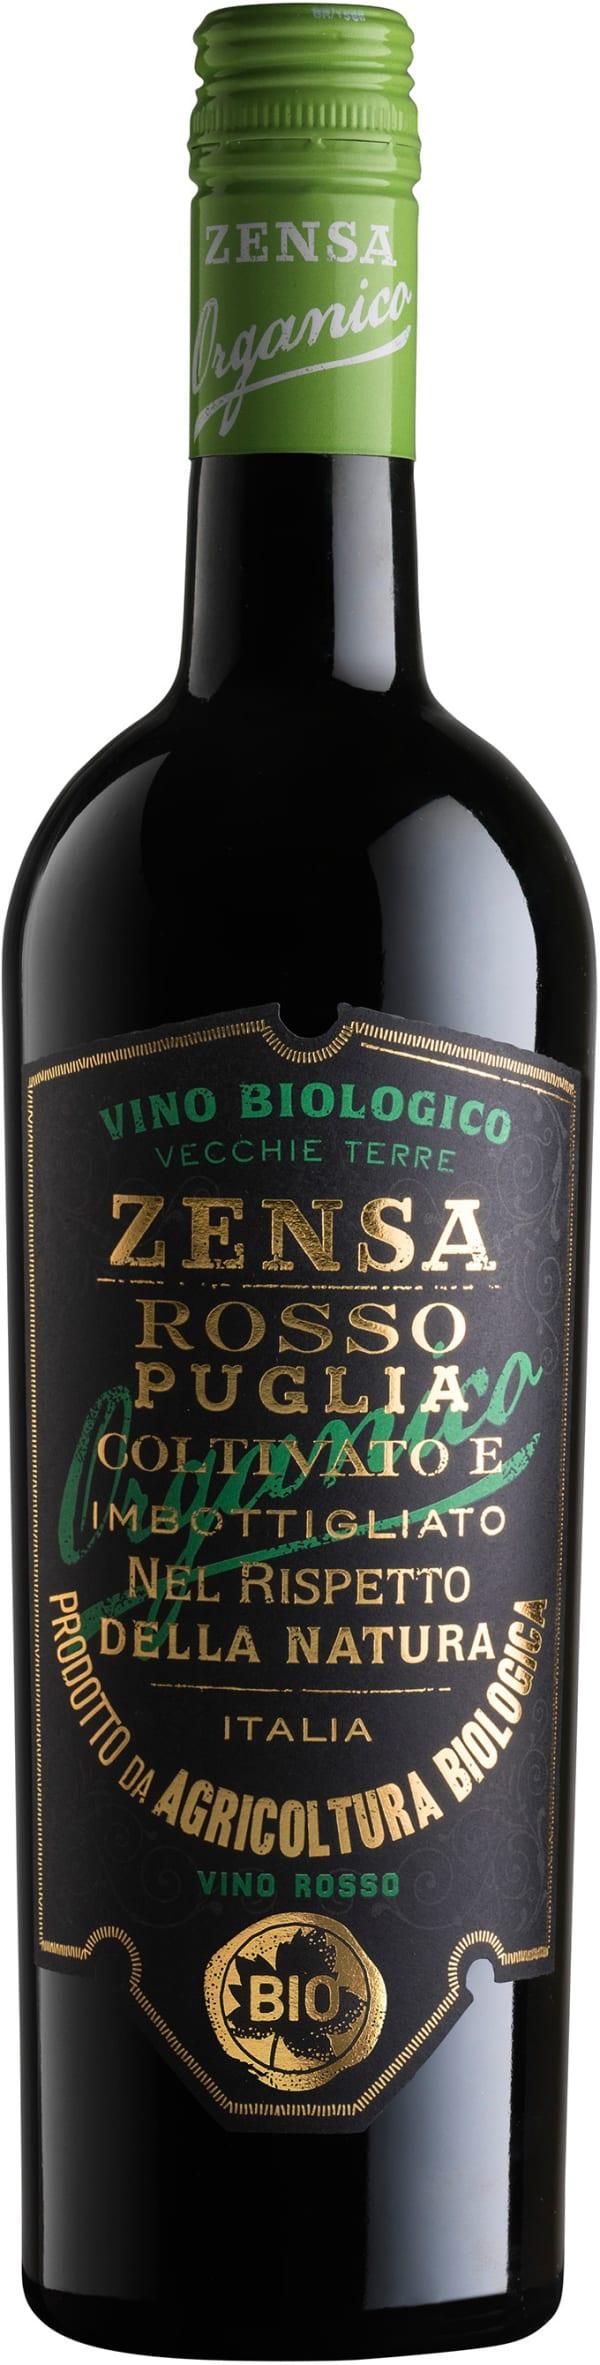 Zensa Rosso Organico 2017